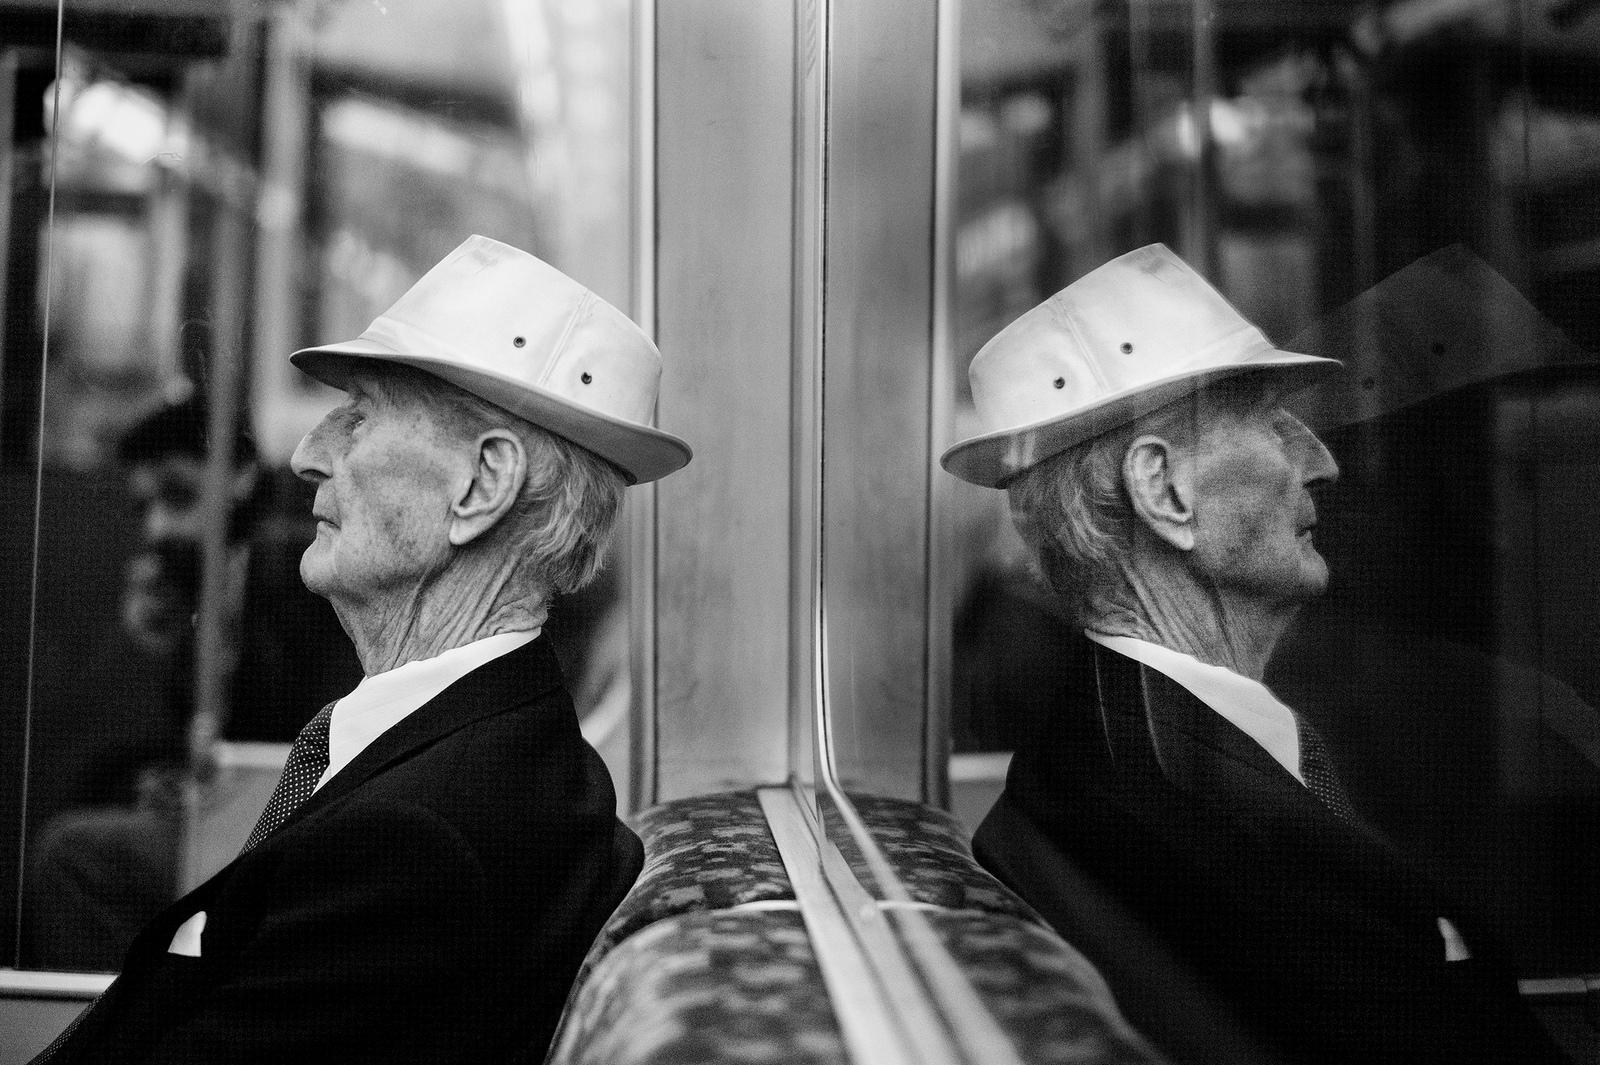 loneliness-in-london-alan-schaller-05